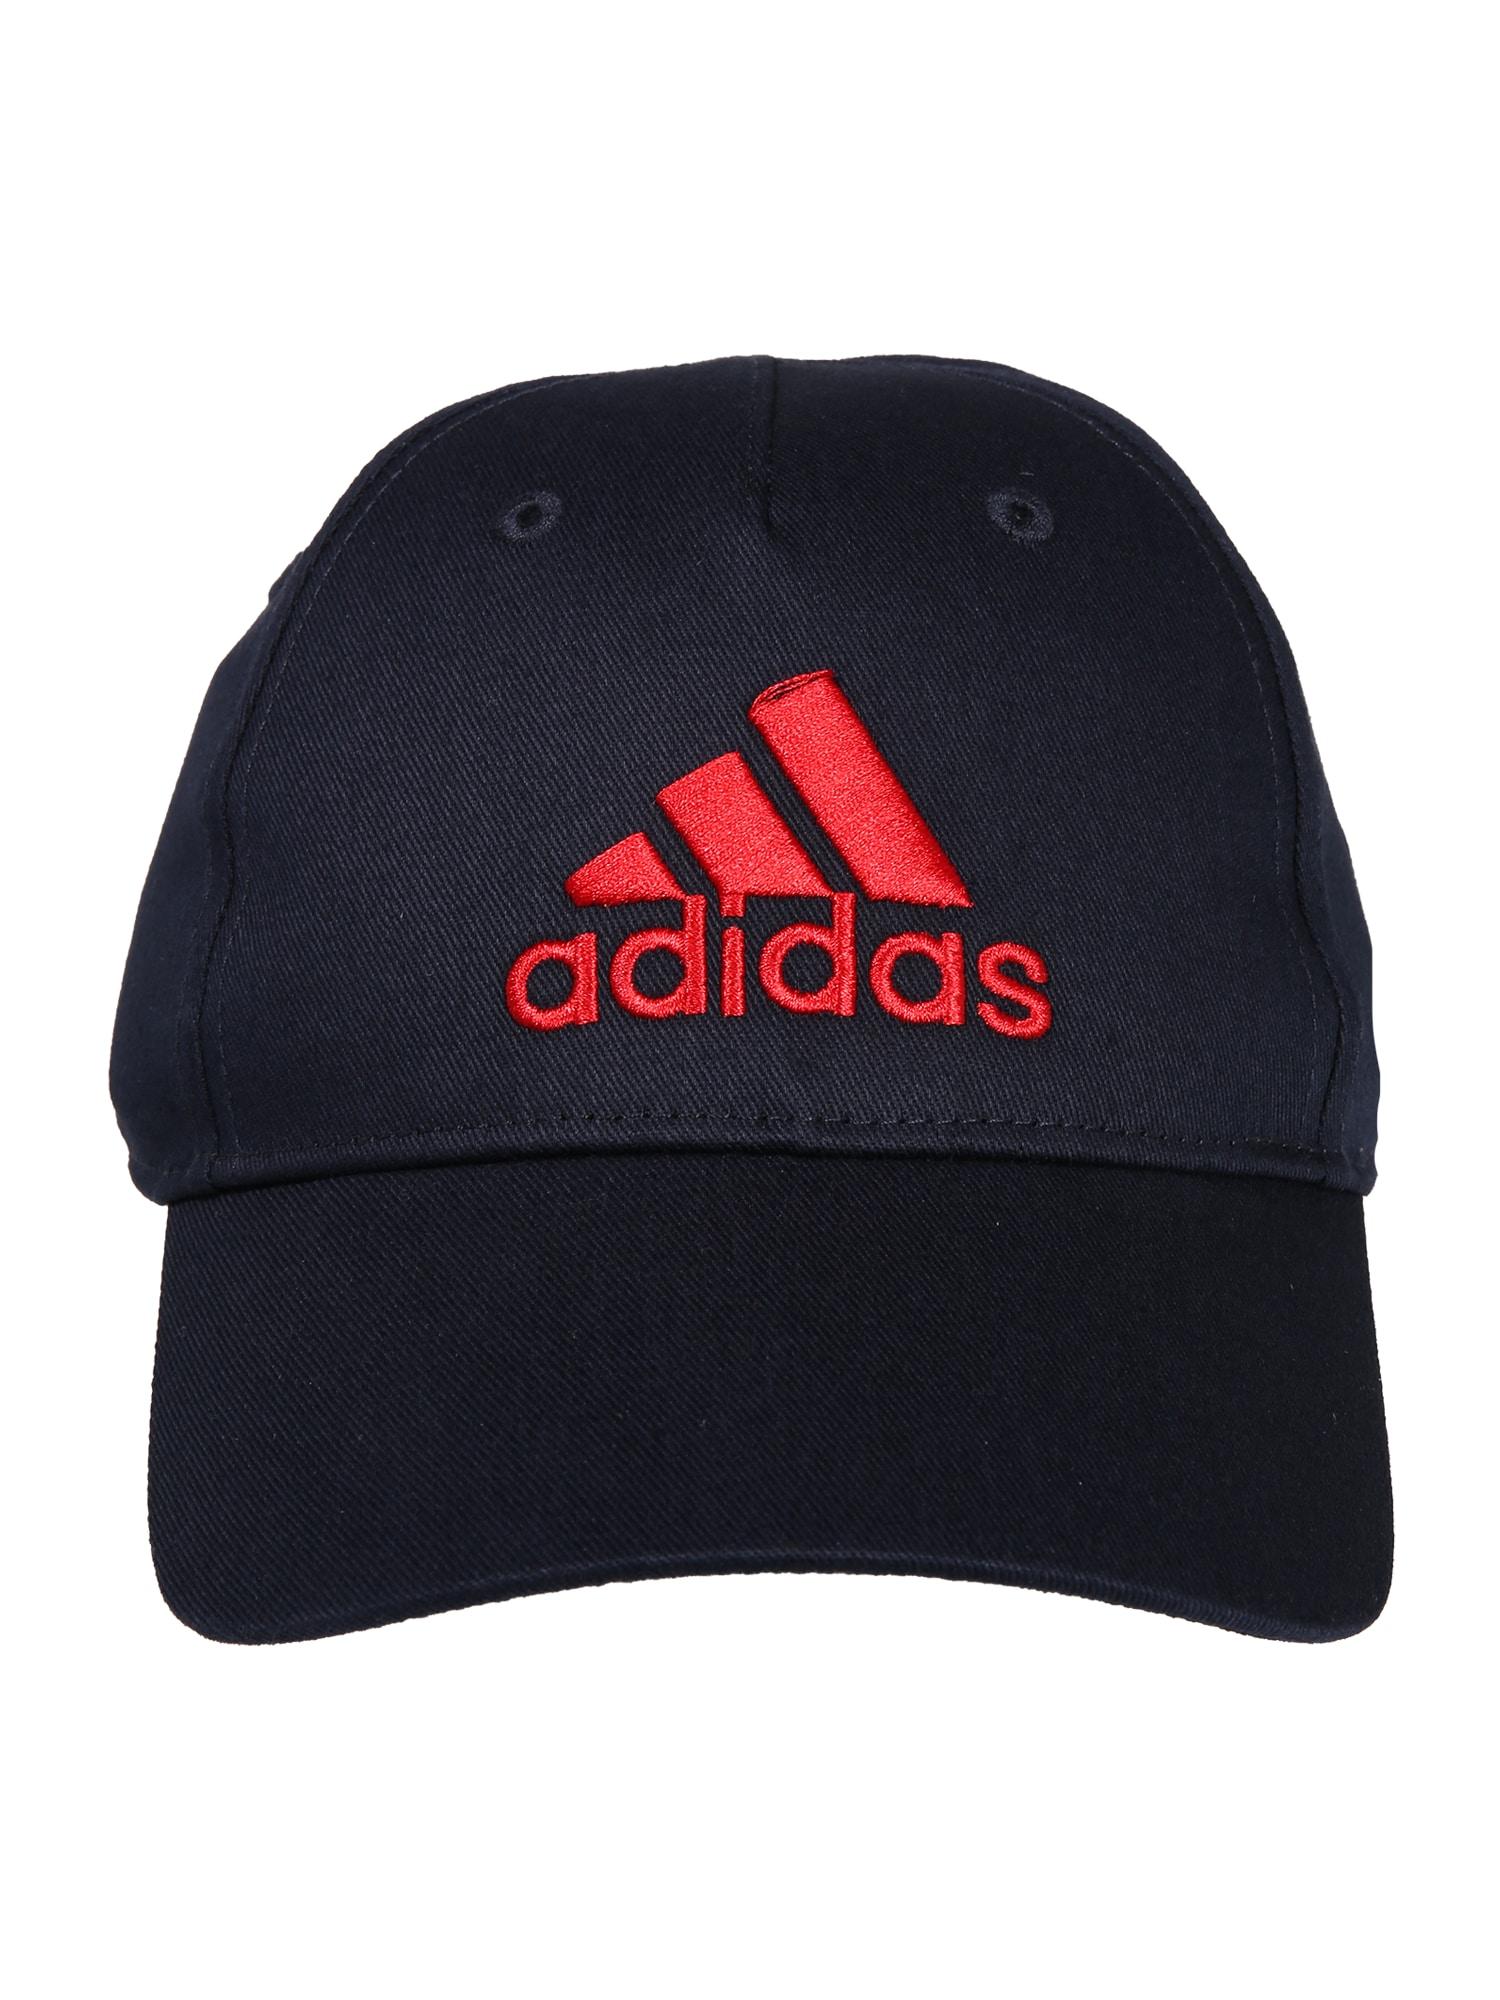 ADIDAS PERFORMANCE Sportinė kepurė tamsiai mėlyna / raudona